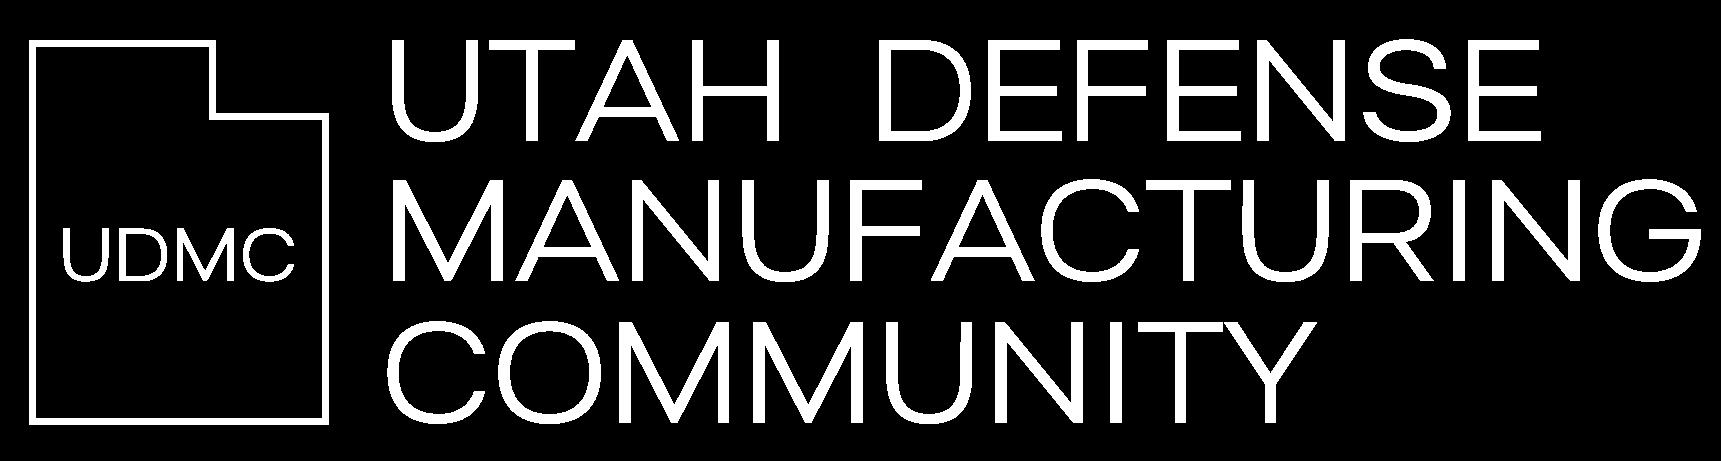 Utah Defense Manufacturing Community